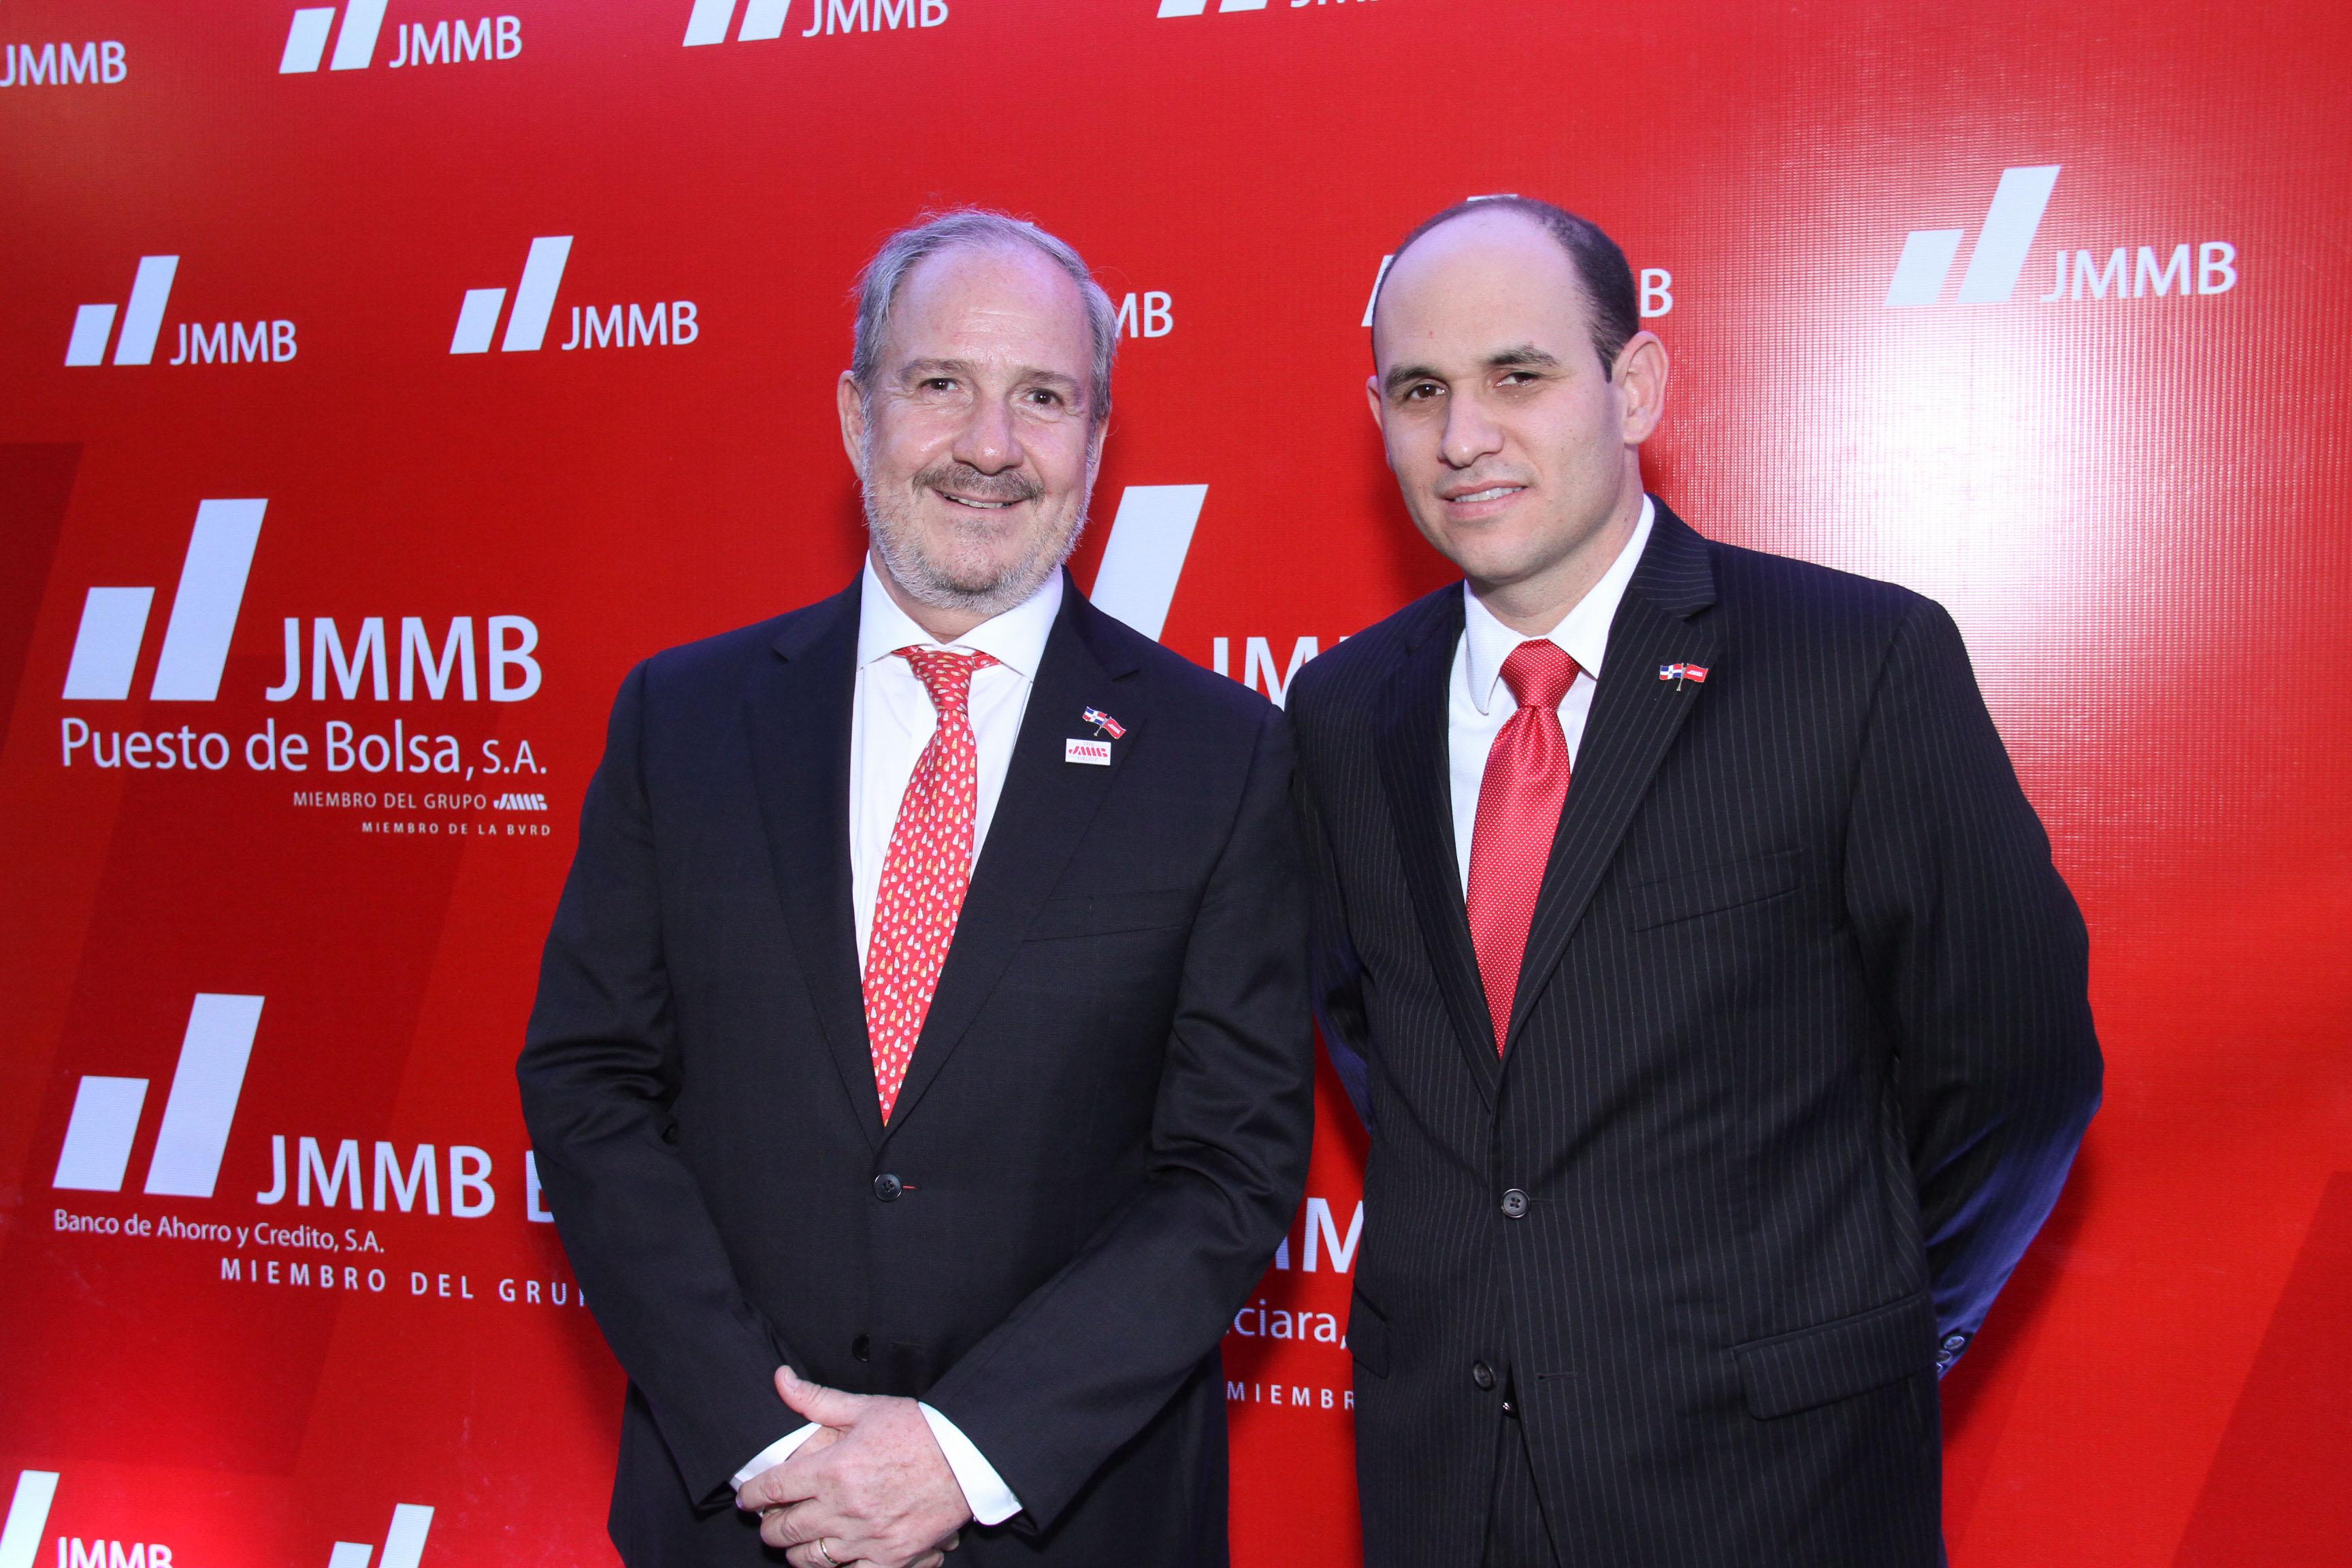 JMMB inauguran sus nuevas oficinas